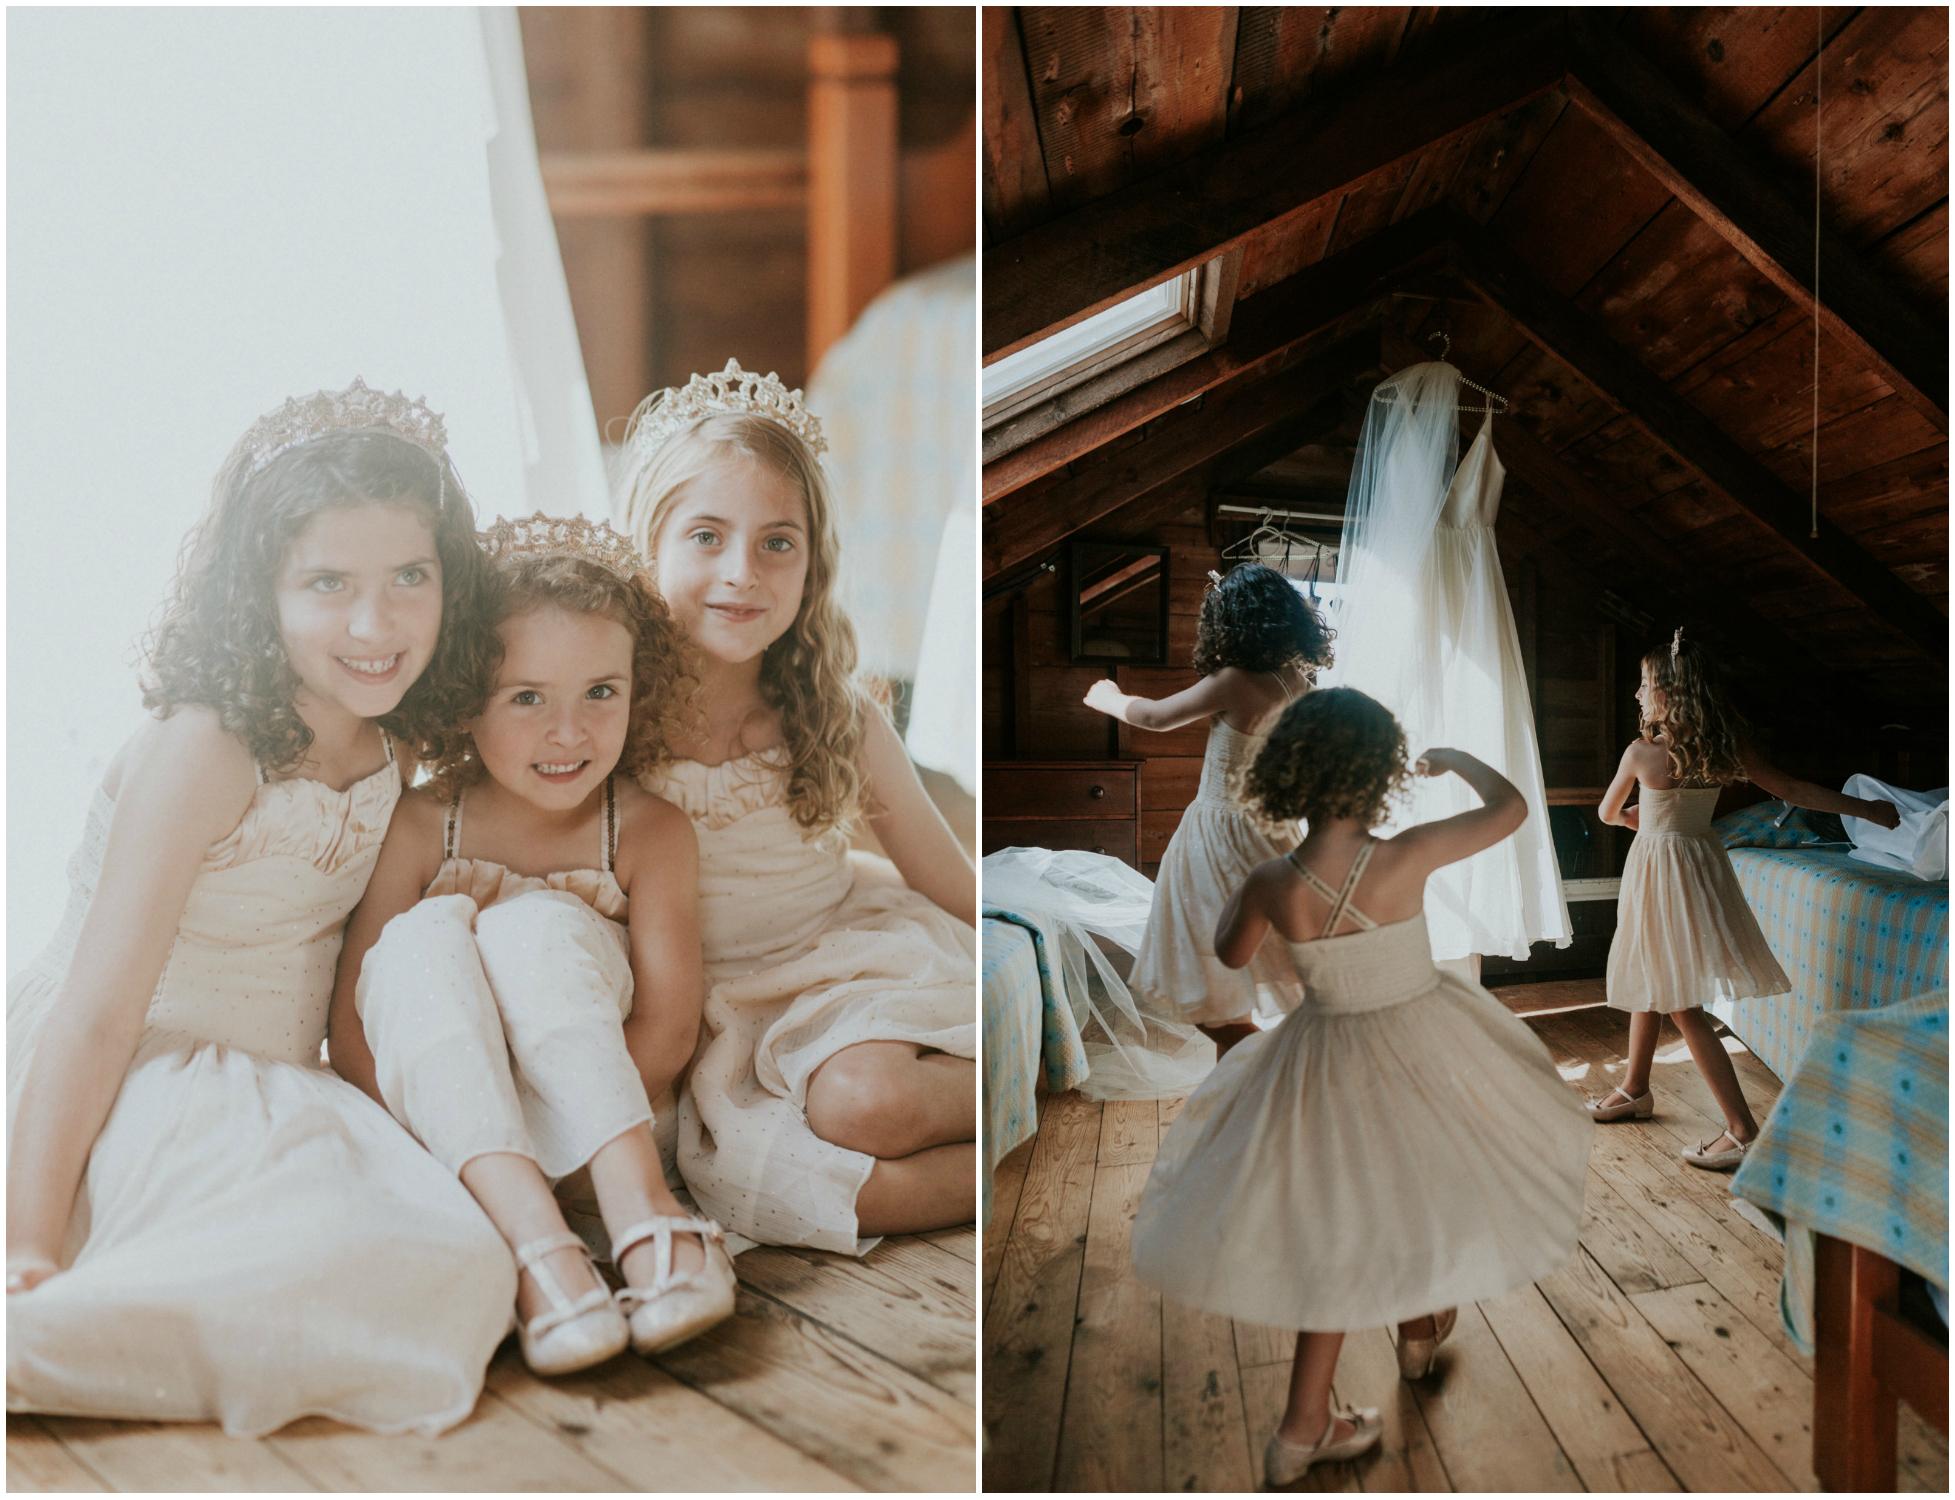 flower girls in attic, flower girls twirling near wedding dress, flower girls wearing crowns